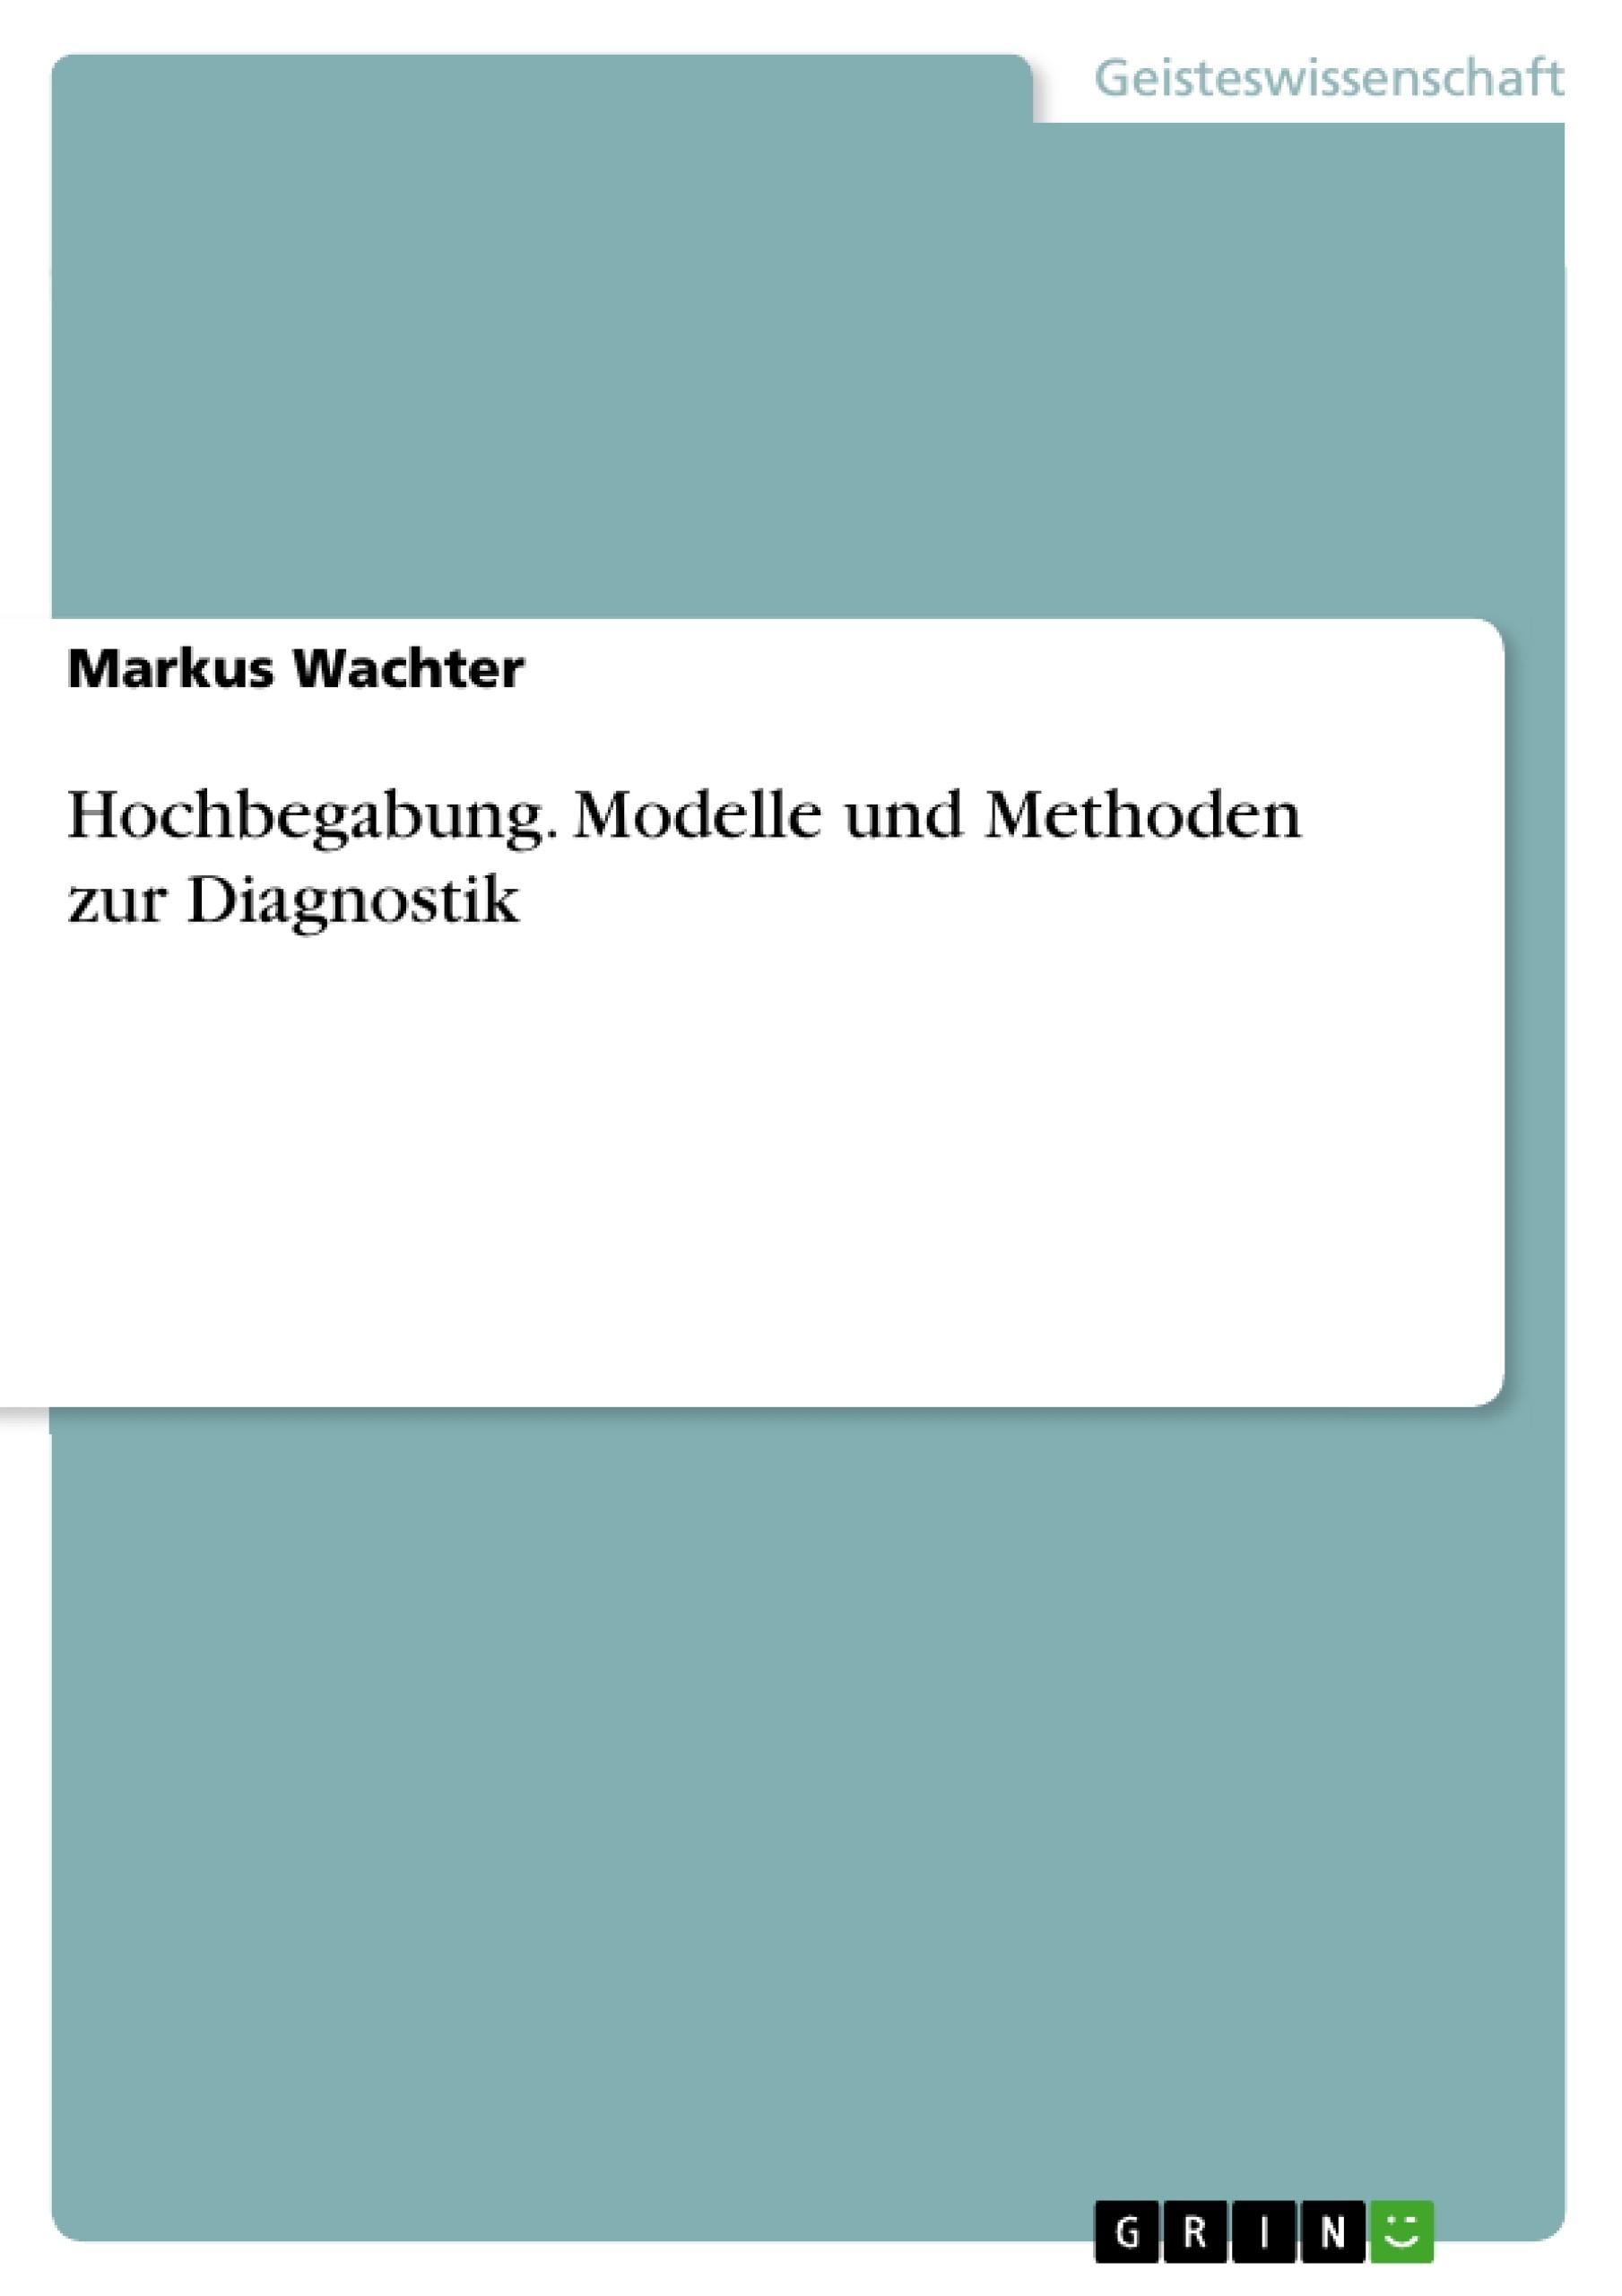 Titel: Hochbegabung. Modelle und Methoden zur Diagnostik